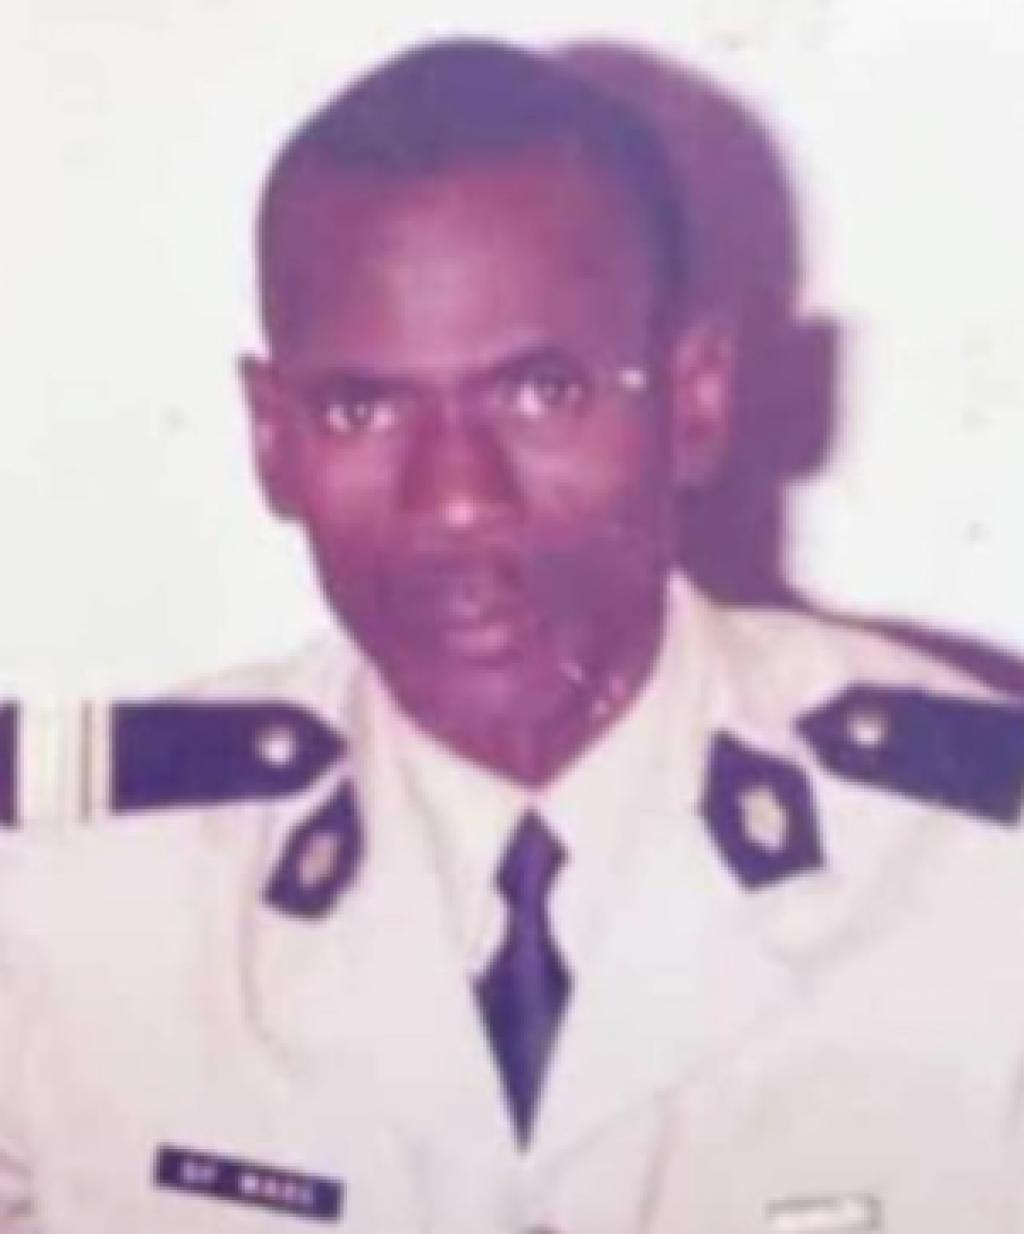 Nécrologie : Rappel à Dieu du Colonel Fallou Wade de la Fanfare Nationale et époux de la journaliste Penda Mbow